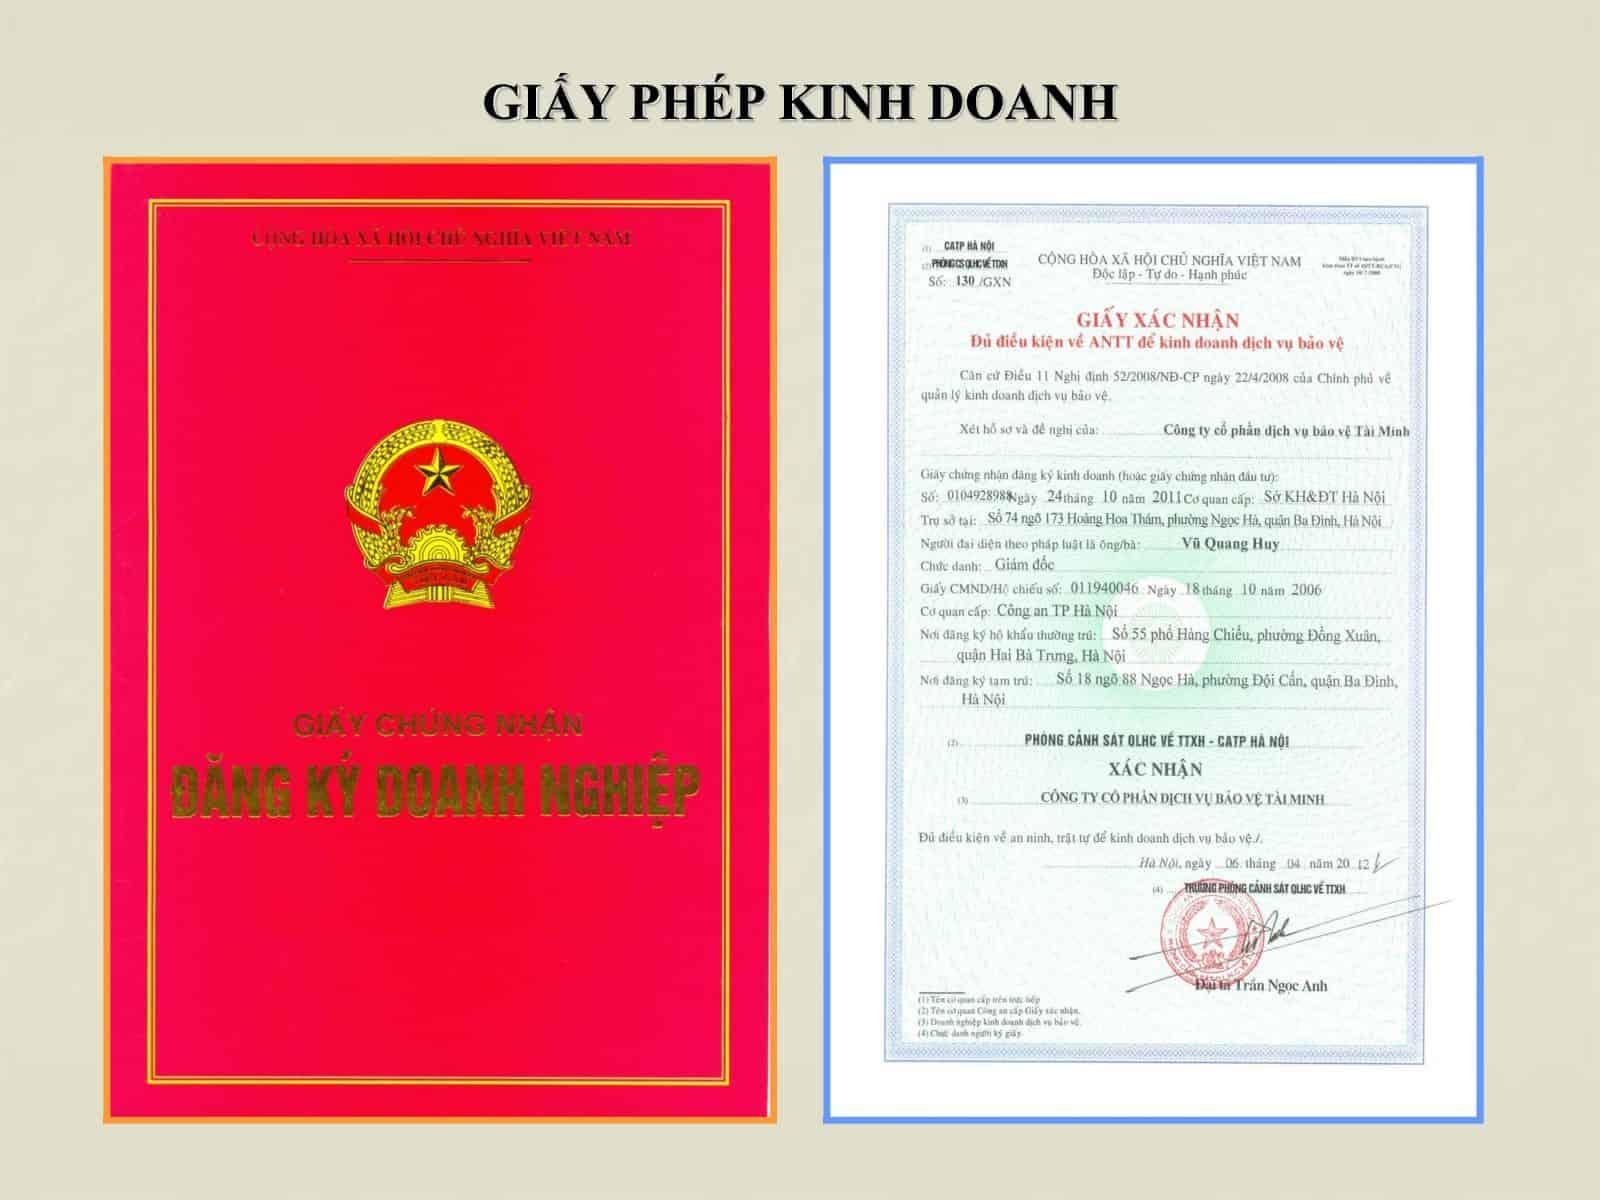 Đặc điểm giấy chứng nhận đăng ký doanh nghiệp